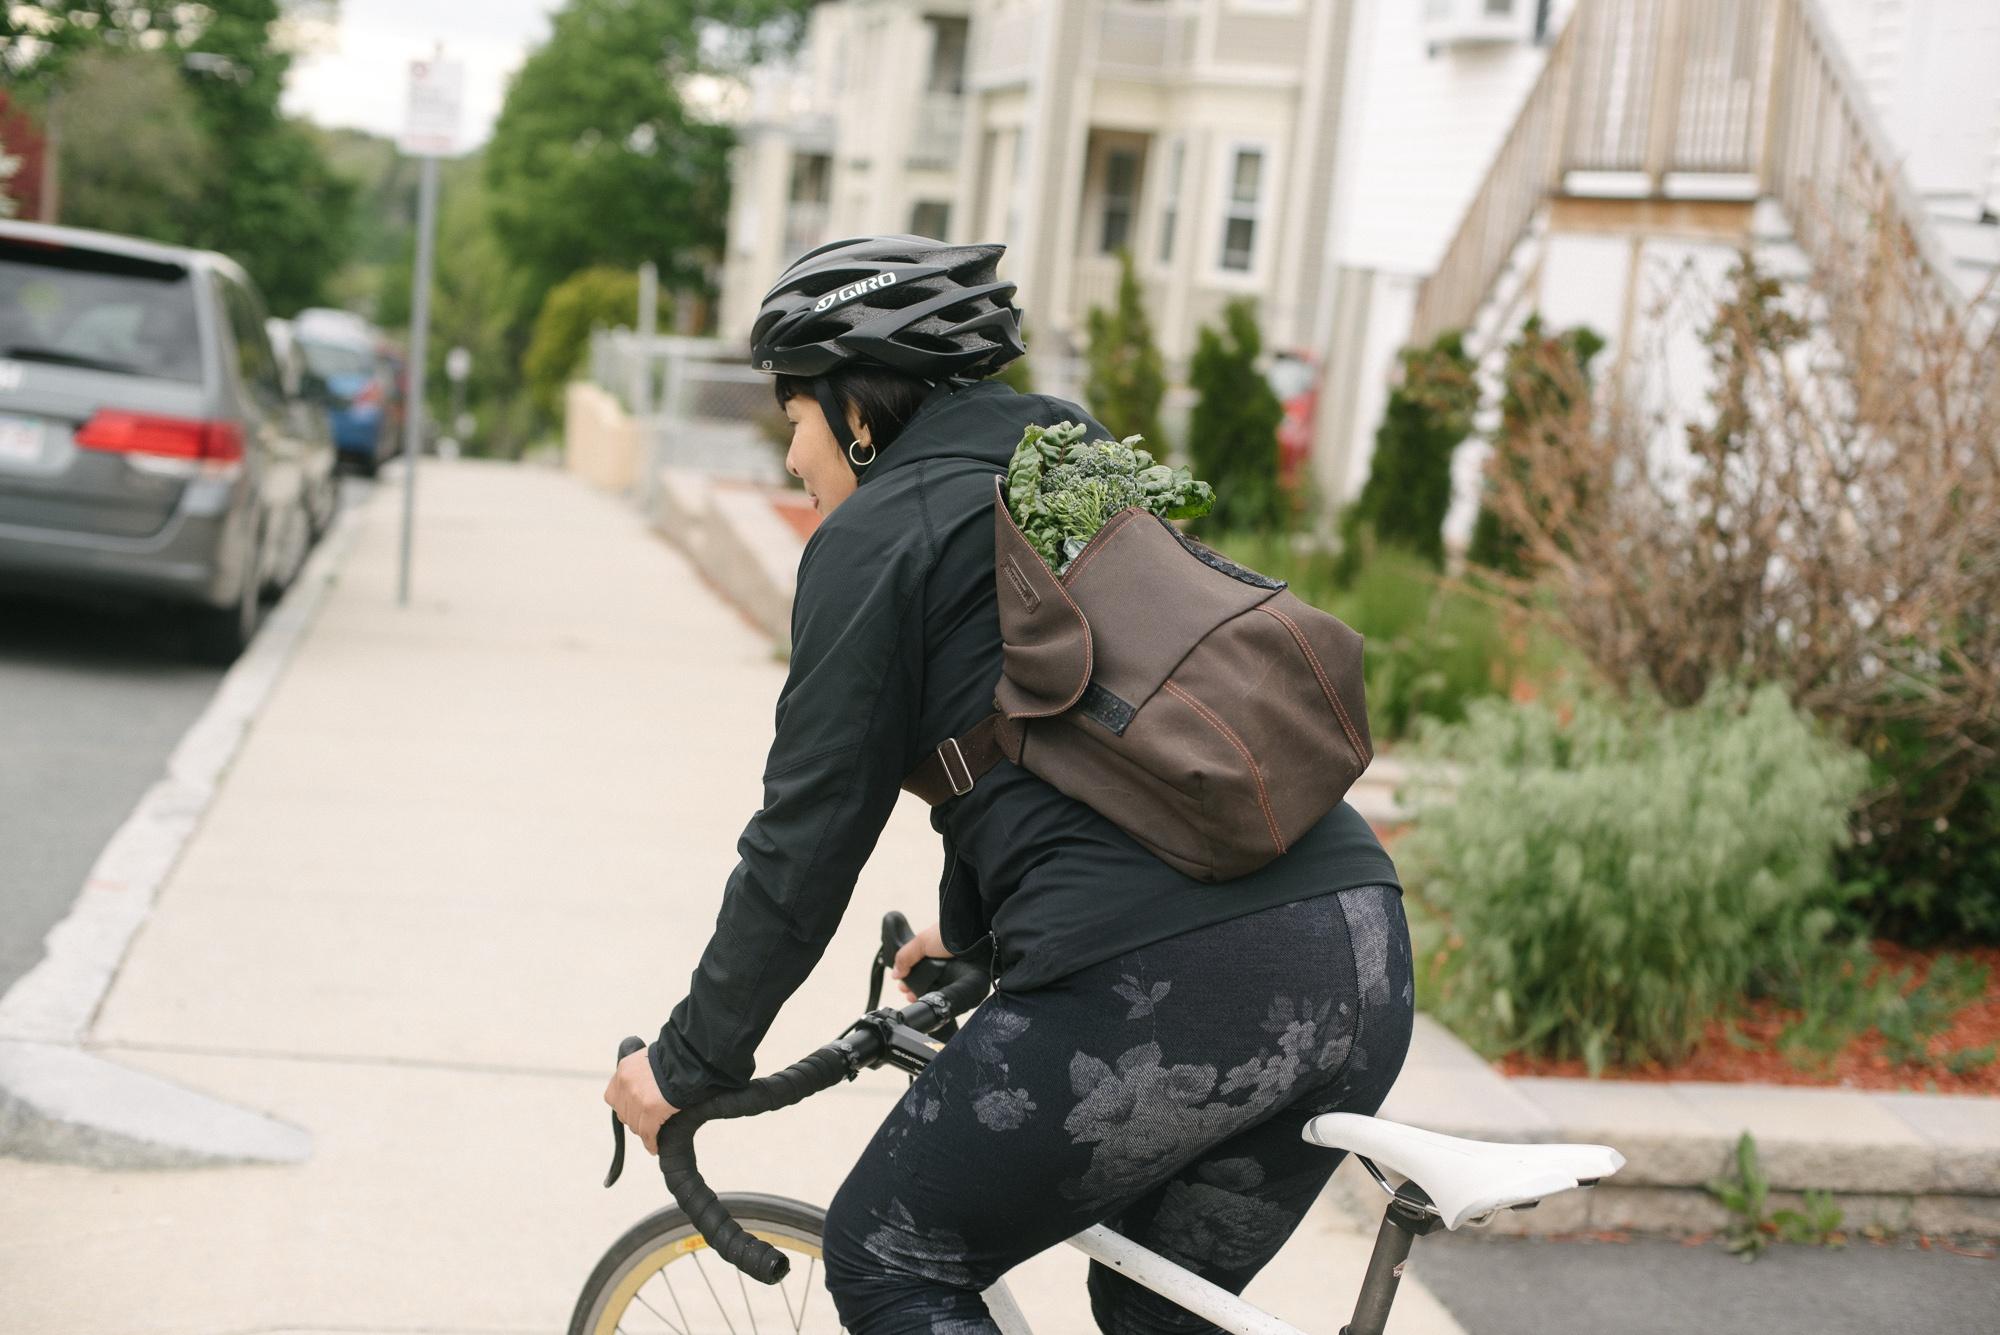 Boston Organics - Cycle to Work